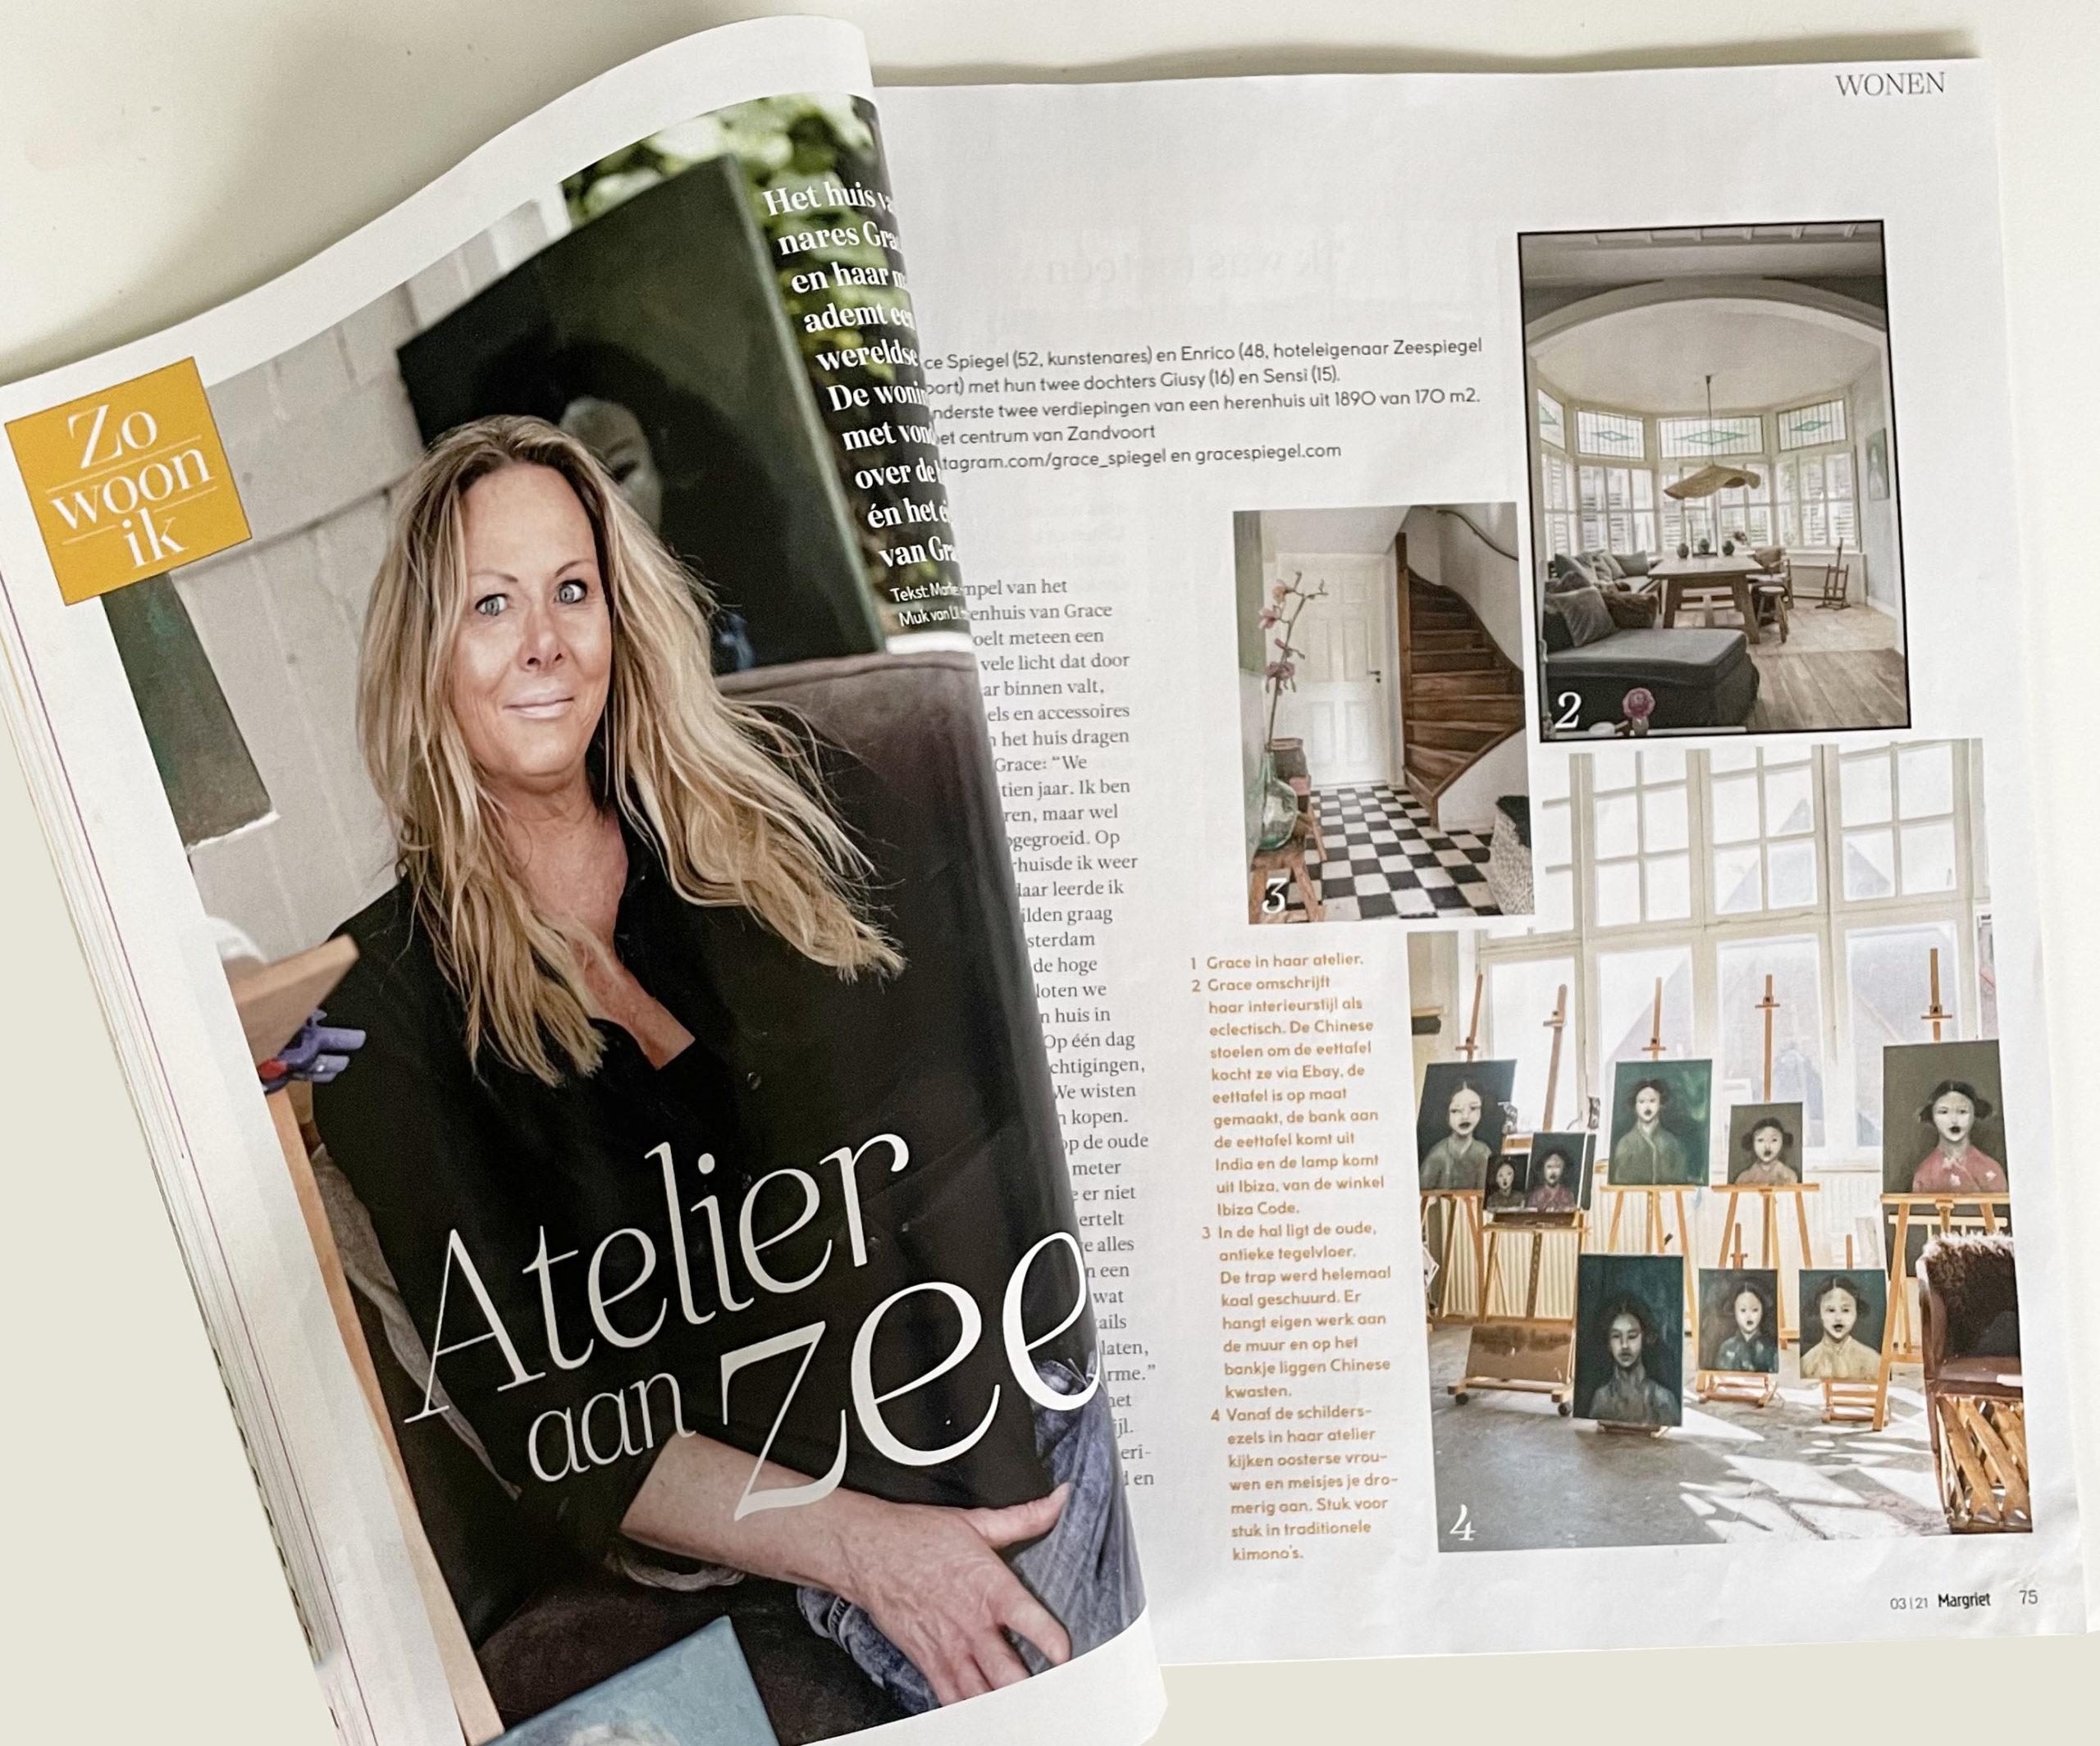 YOW Grace Spiegel Magriet Zo woon ik Atelier aan Zee